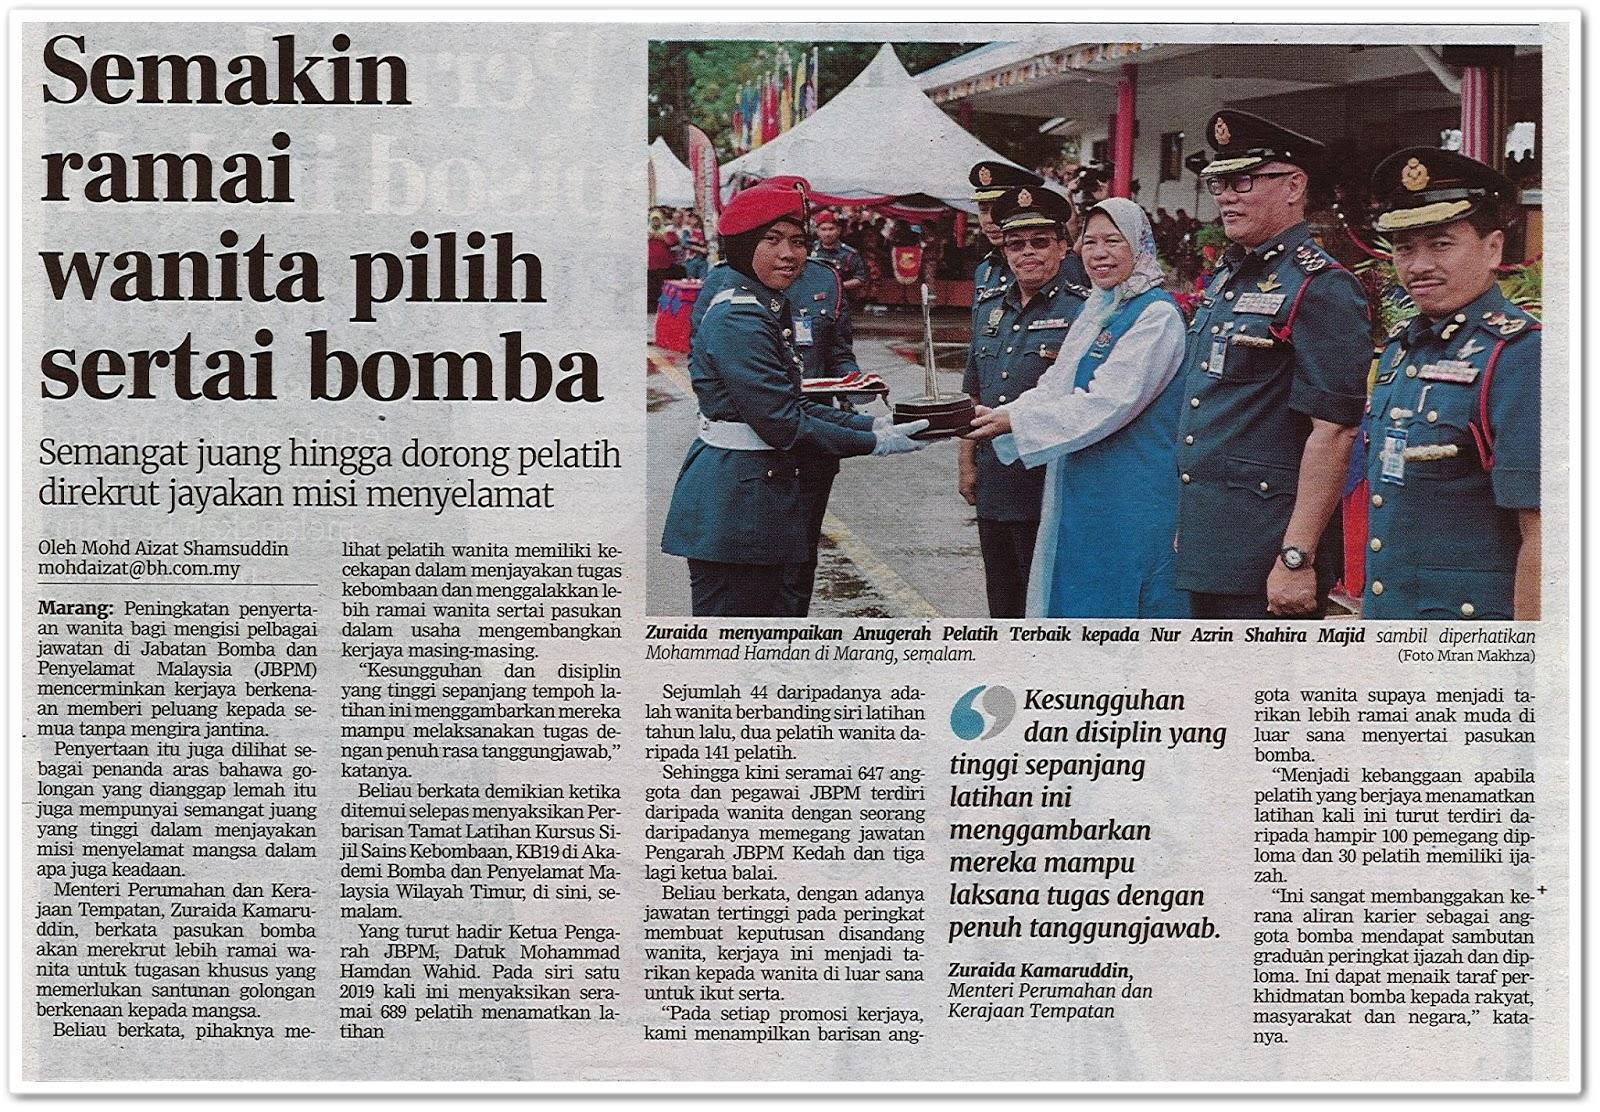 Semakin ramai wanita pilih sertai bomba - Keratan akhbar Berita Harian 18 Disember 2019